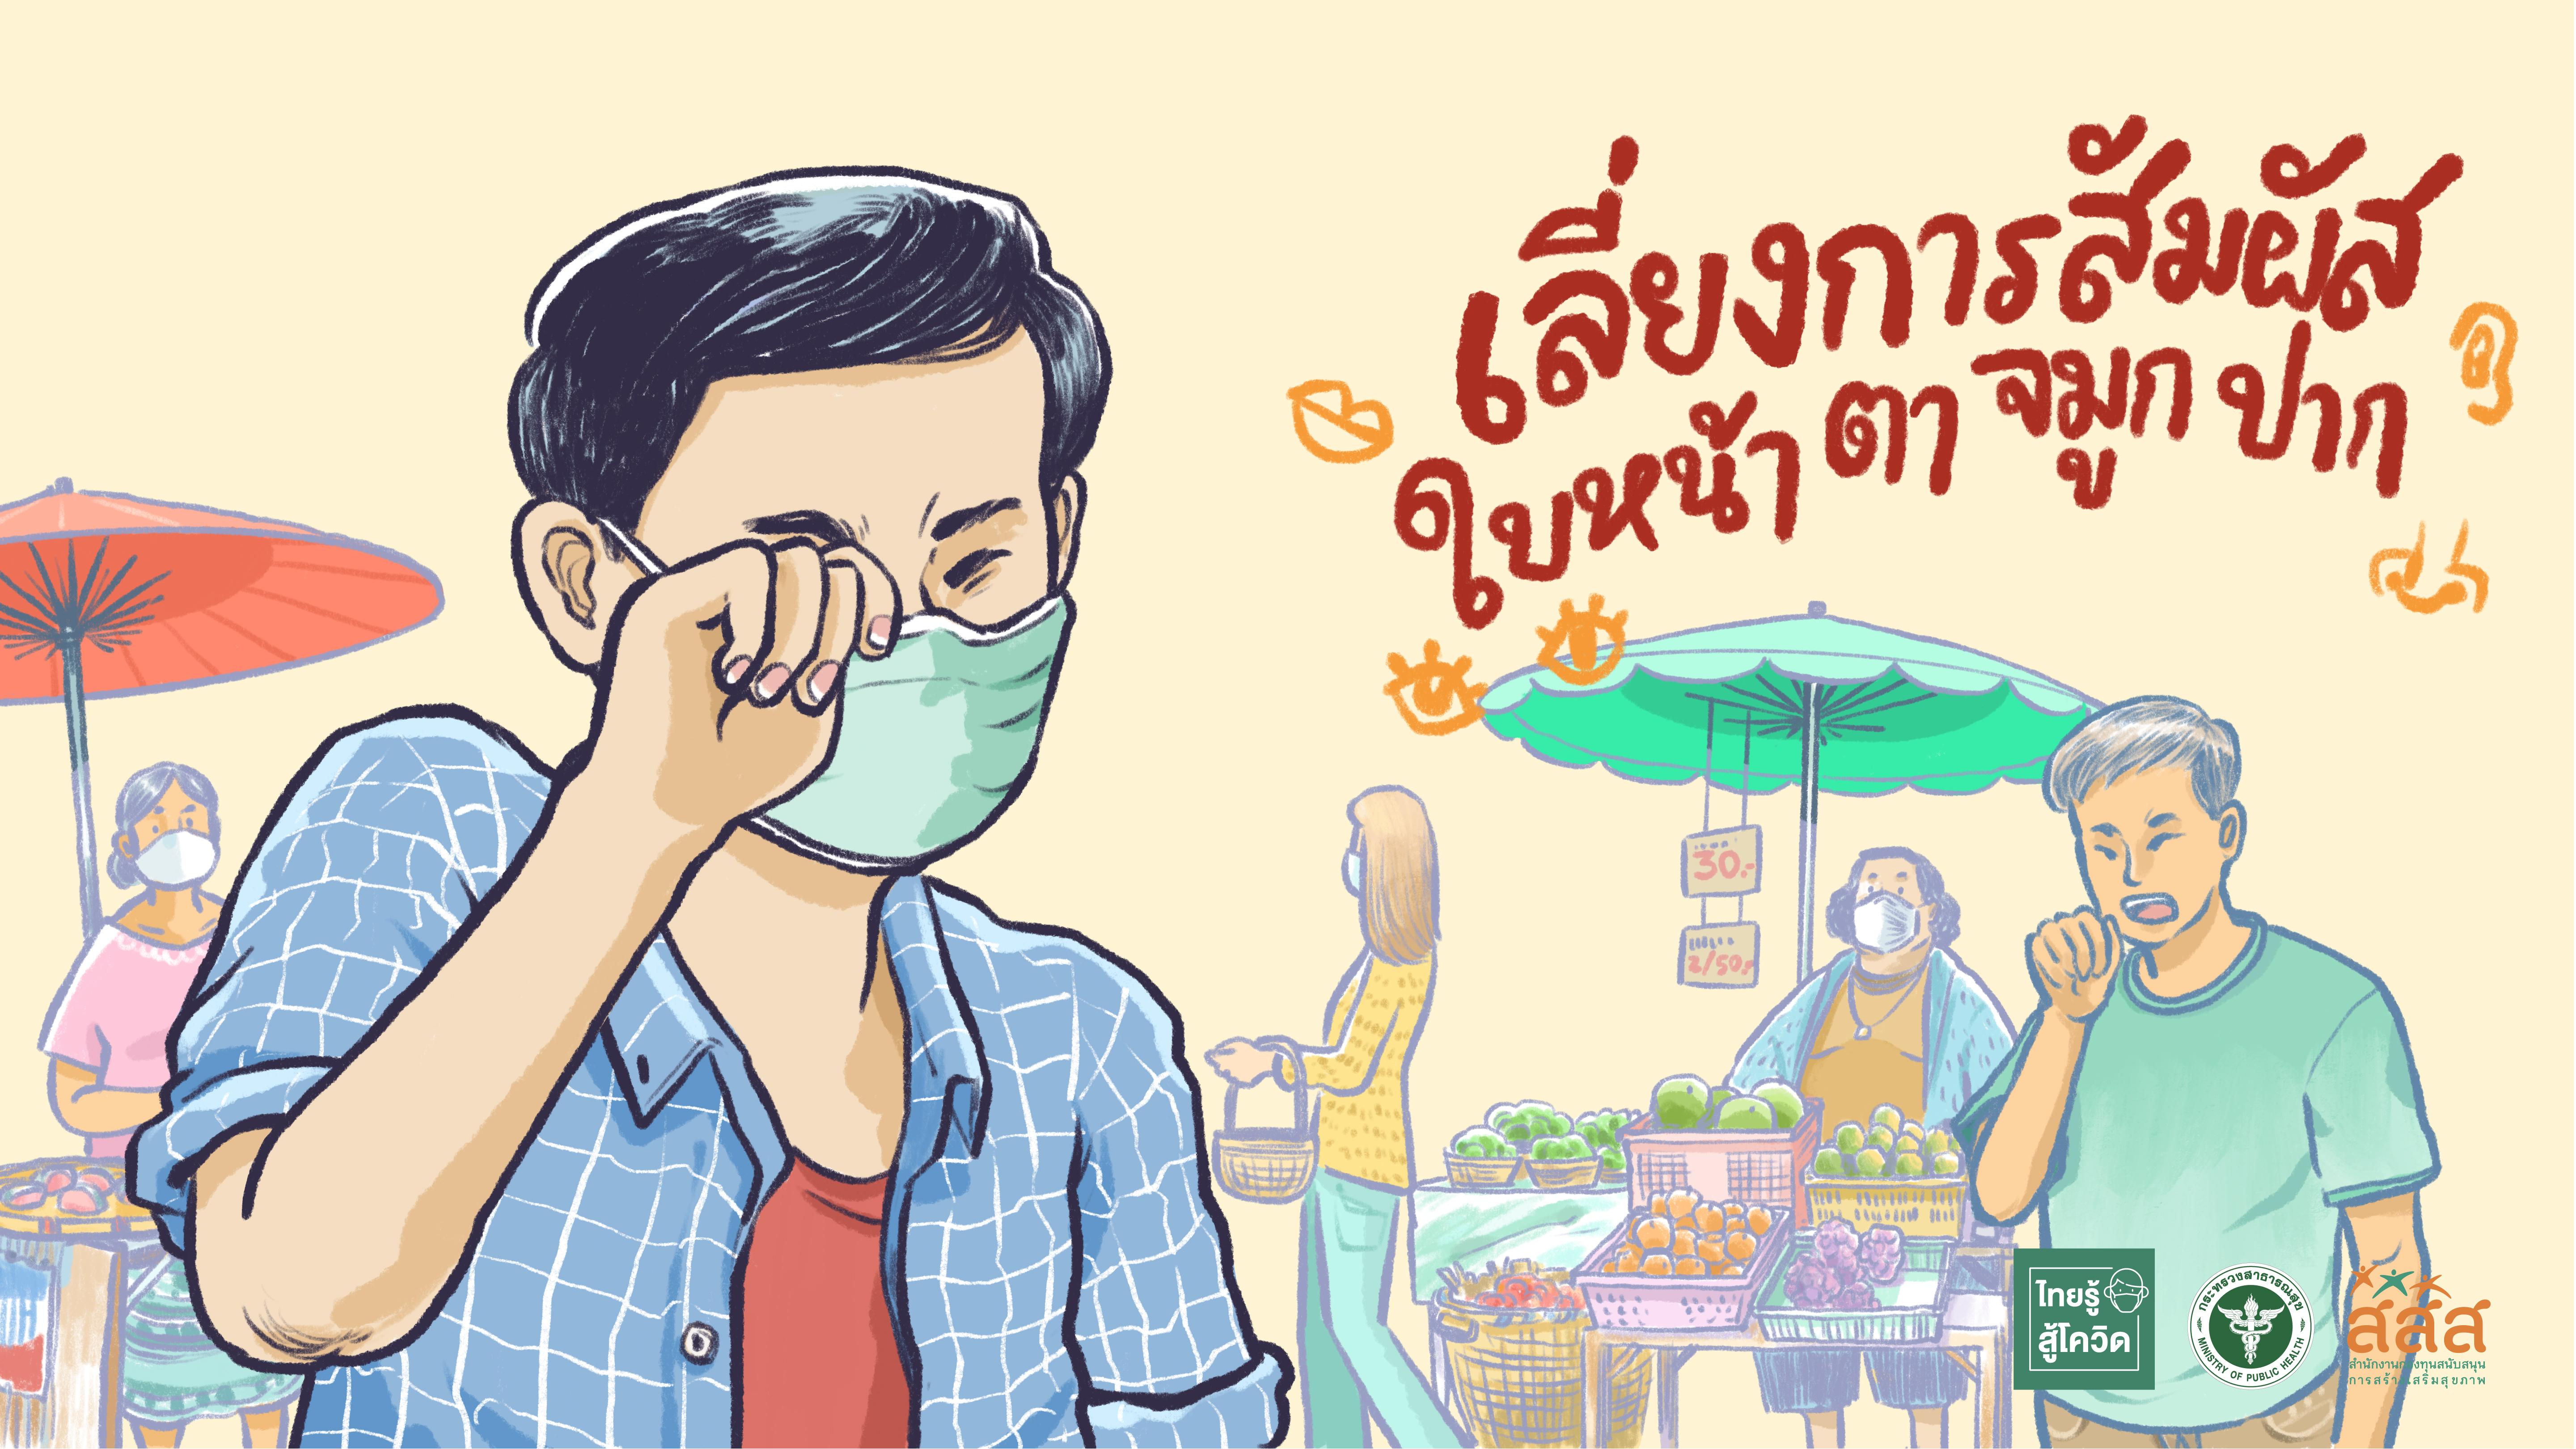 สสส.ส่งต่อสื่อชุดใหม่ ชวนคนไทยไม่ให้การ์ดตก มุ่งหวังเห็นพลังความร่วมมือกันอีกครั้ง thaihealth